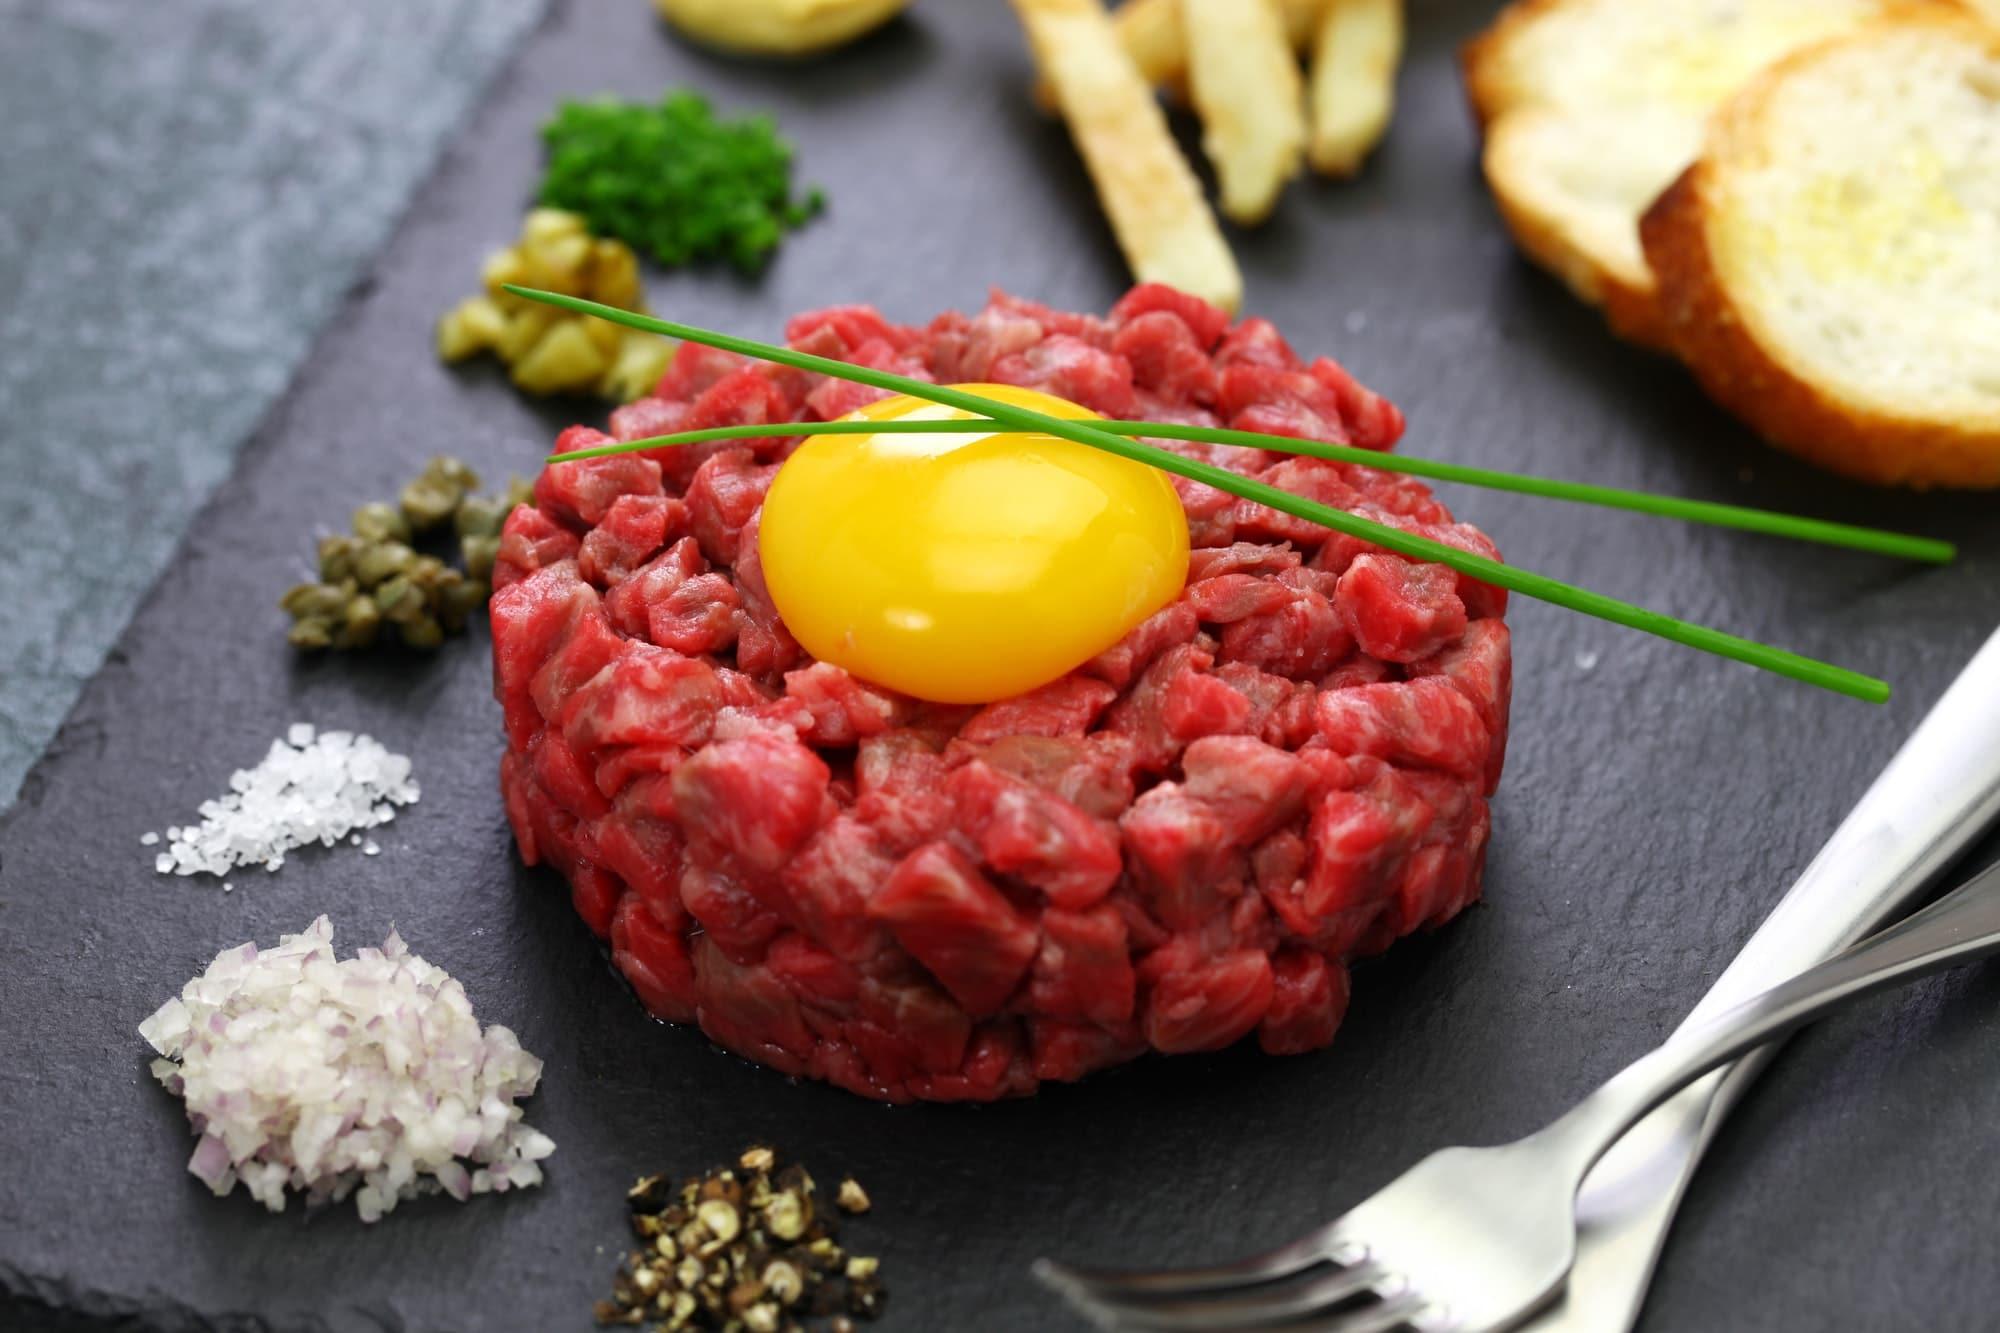 Tartare de boeuf recette anform magazine santé bien-être